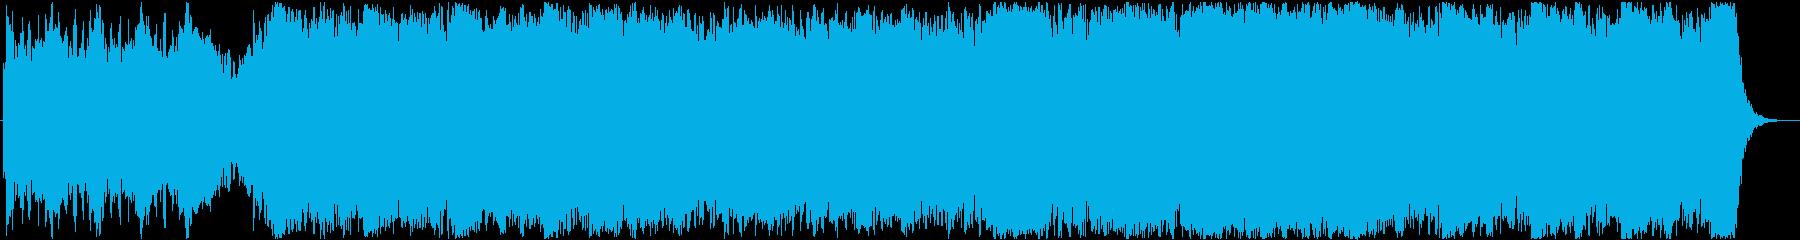 疾走系オーケストラ曲の再生済みの波形